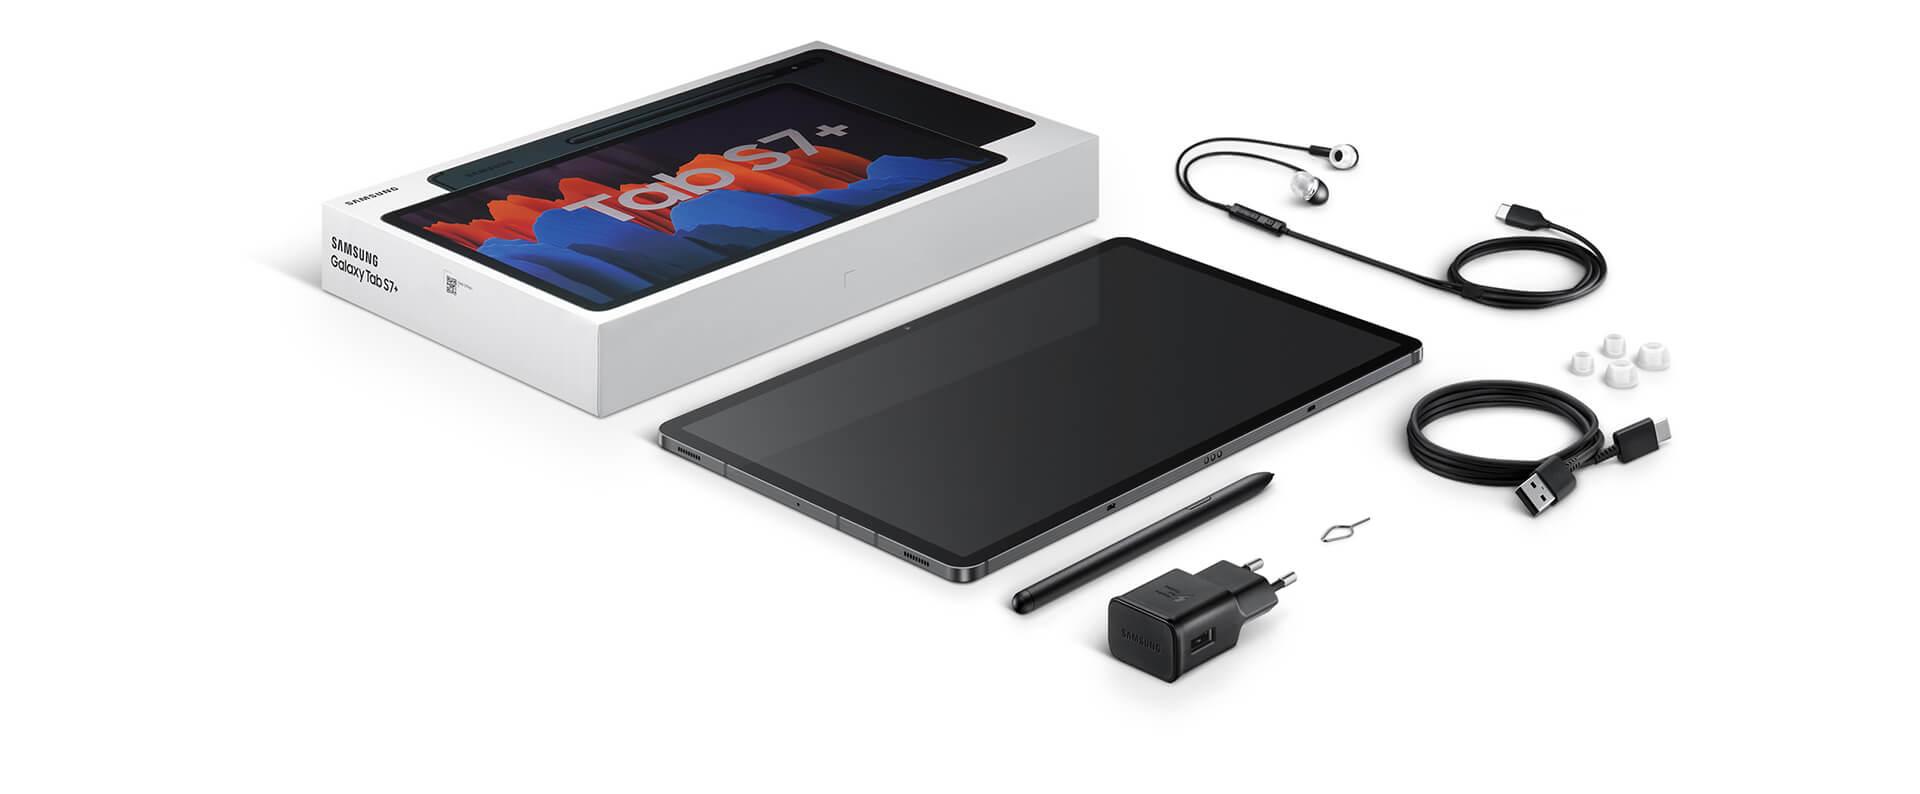 Galaxy Tab S7 +のボックスに含まれるアイテムのフラットレイアウト。 パッケージ、デバイス、Sペン、トラベルアダプター、USB Type-Cイヤホン、データリンクケーブル、SIM取り出しピン